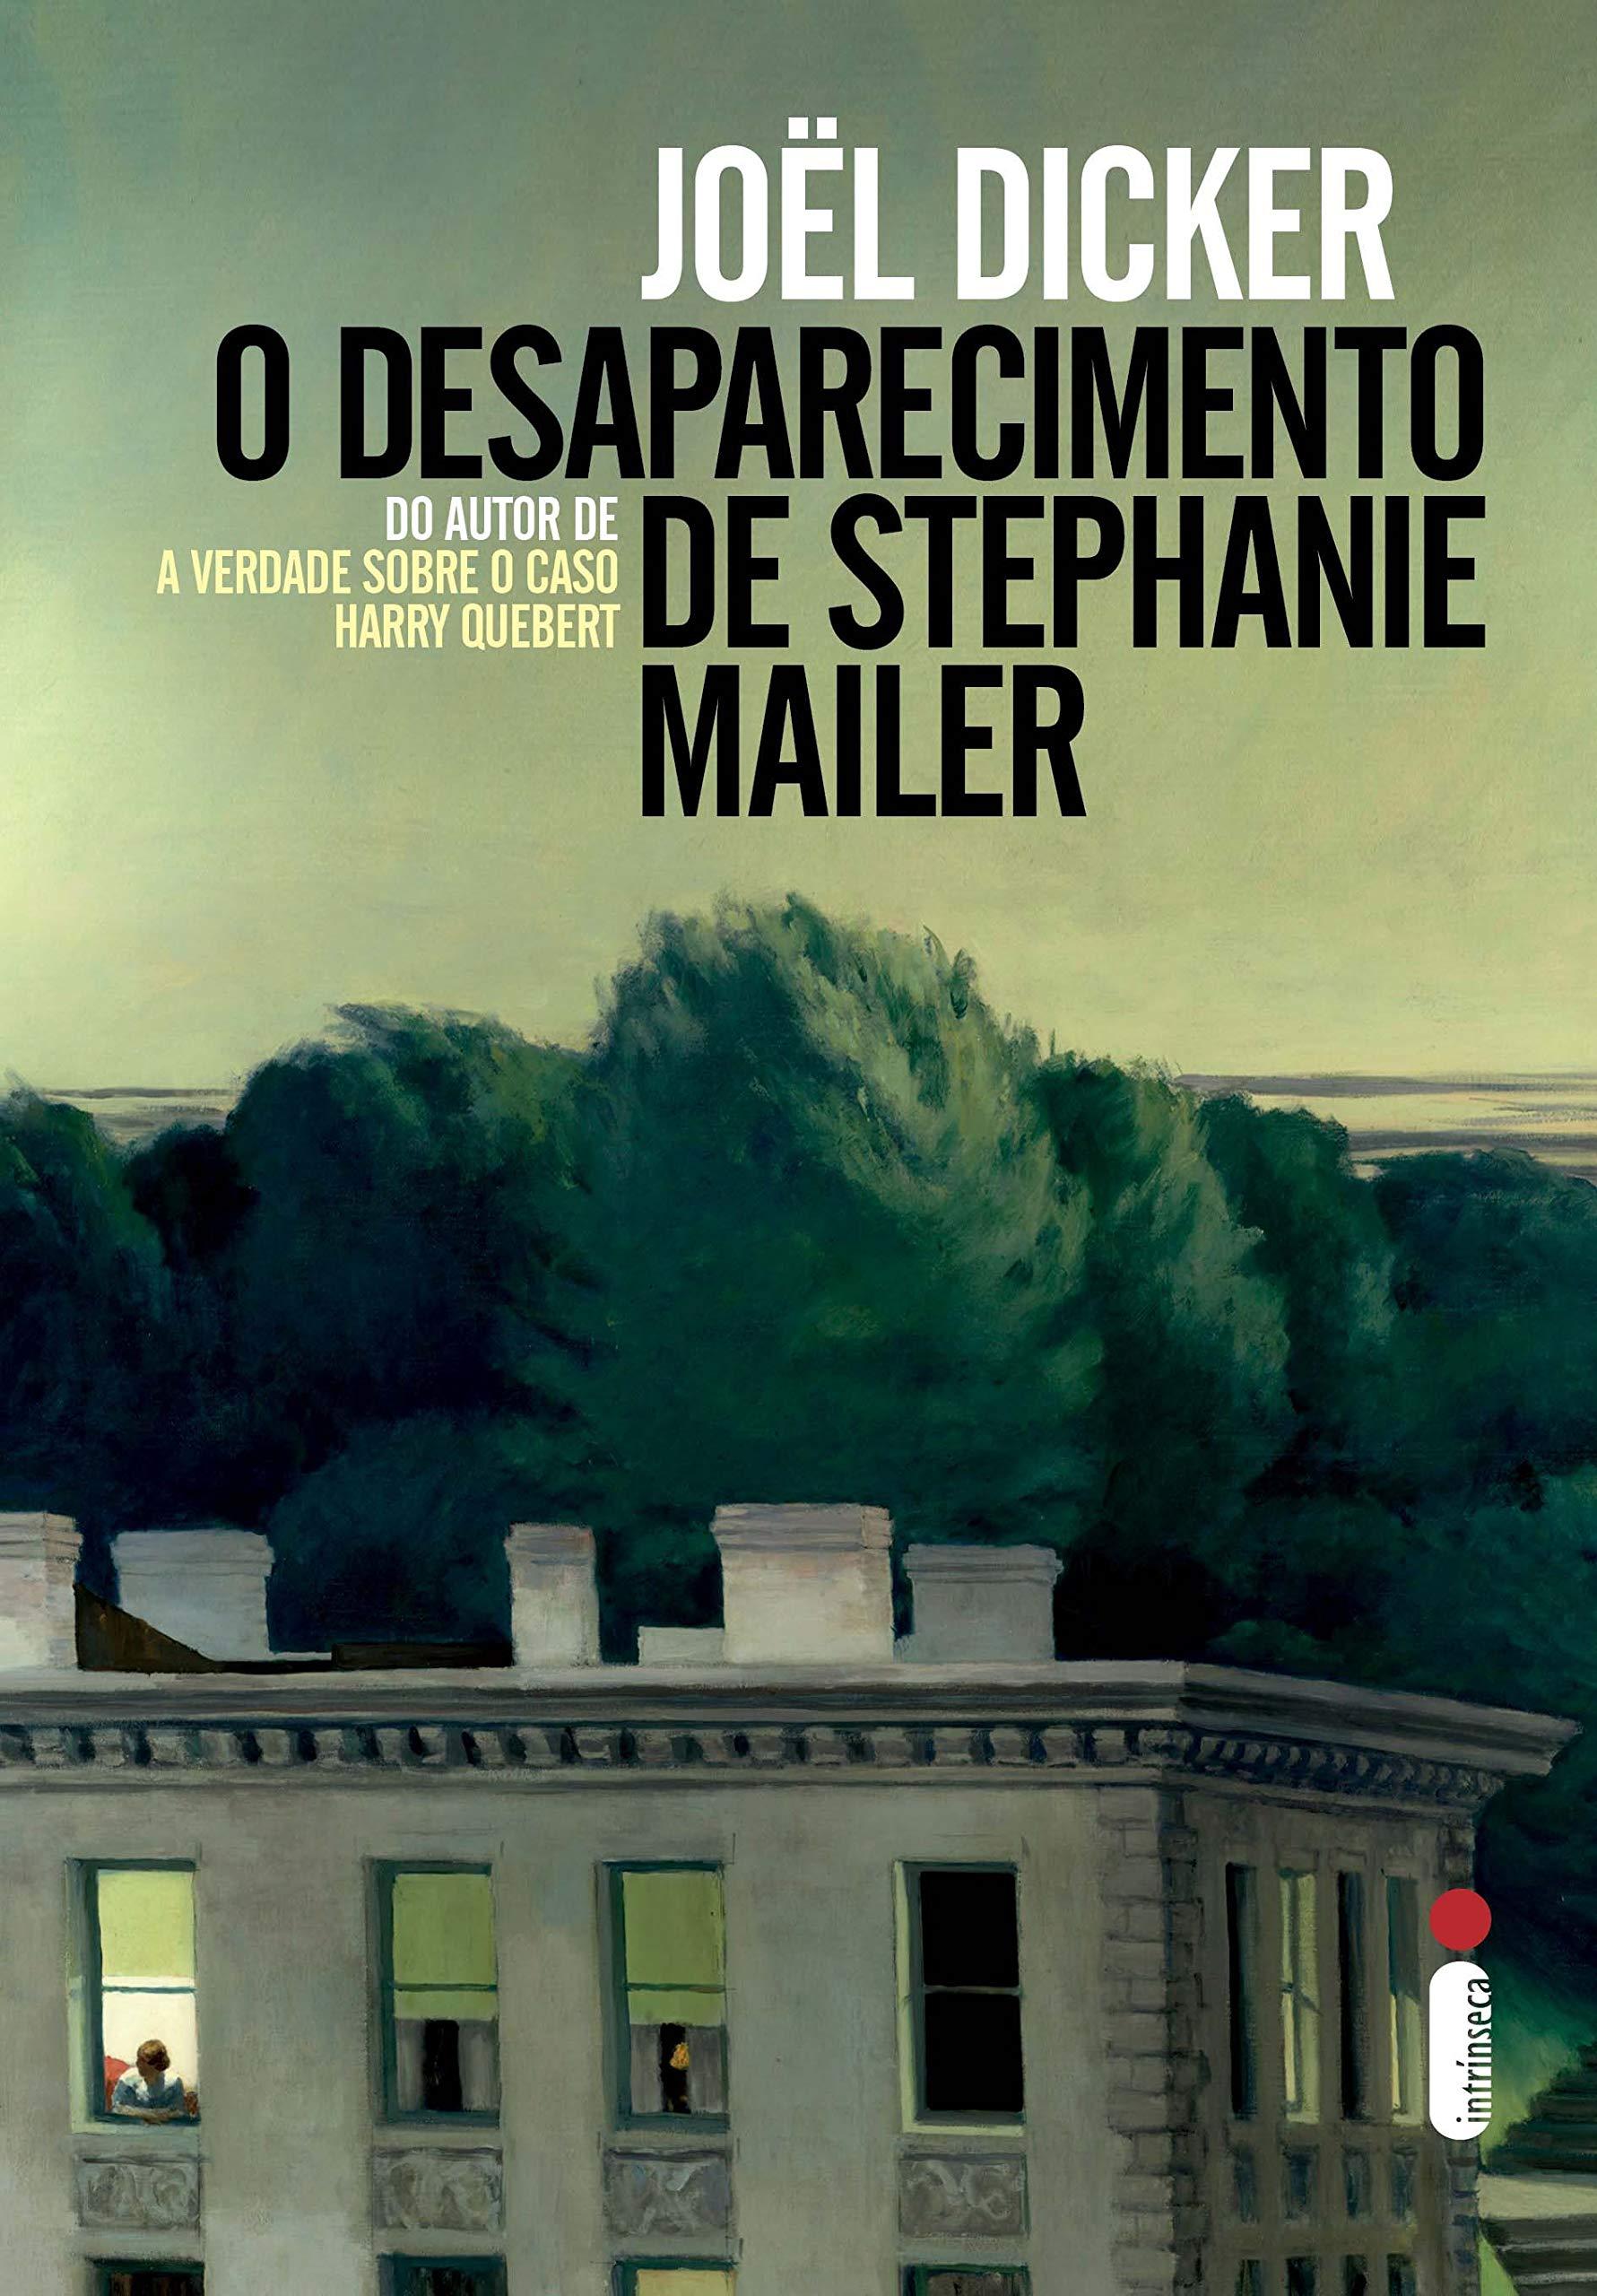 O desaparecimento de Stephanie Mailer – Livro